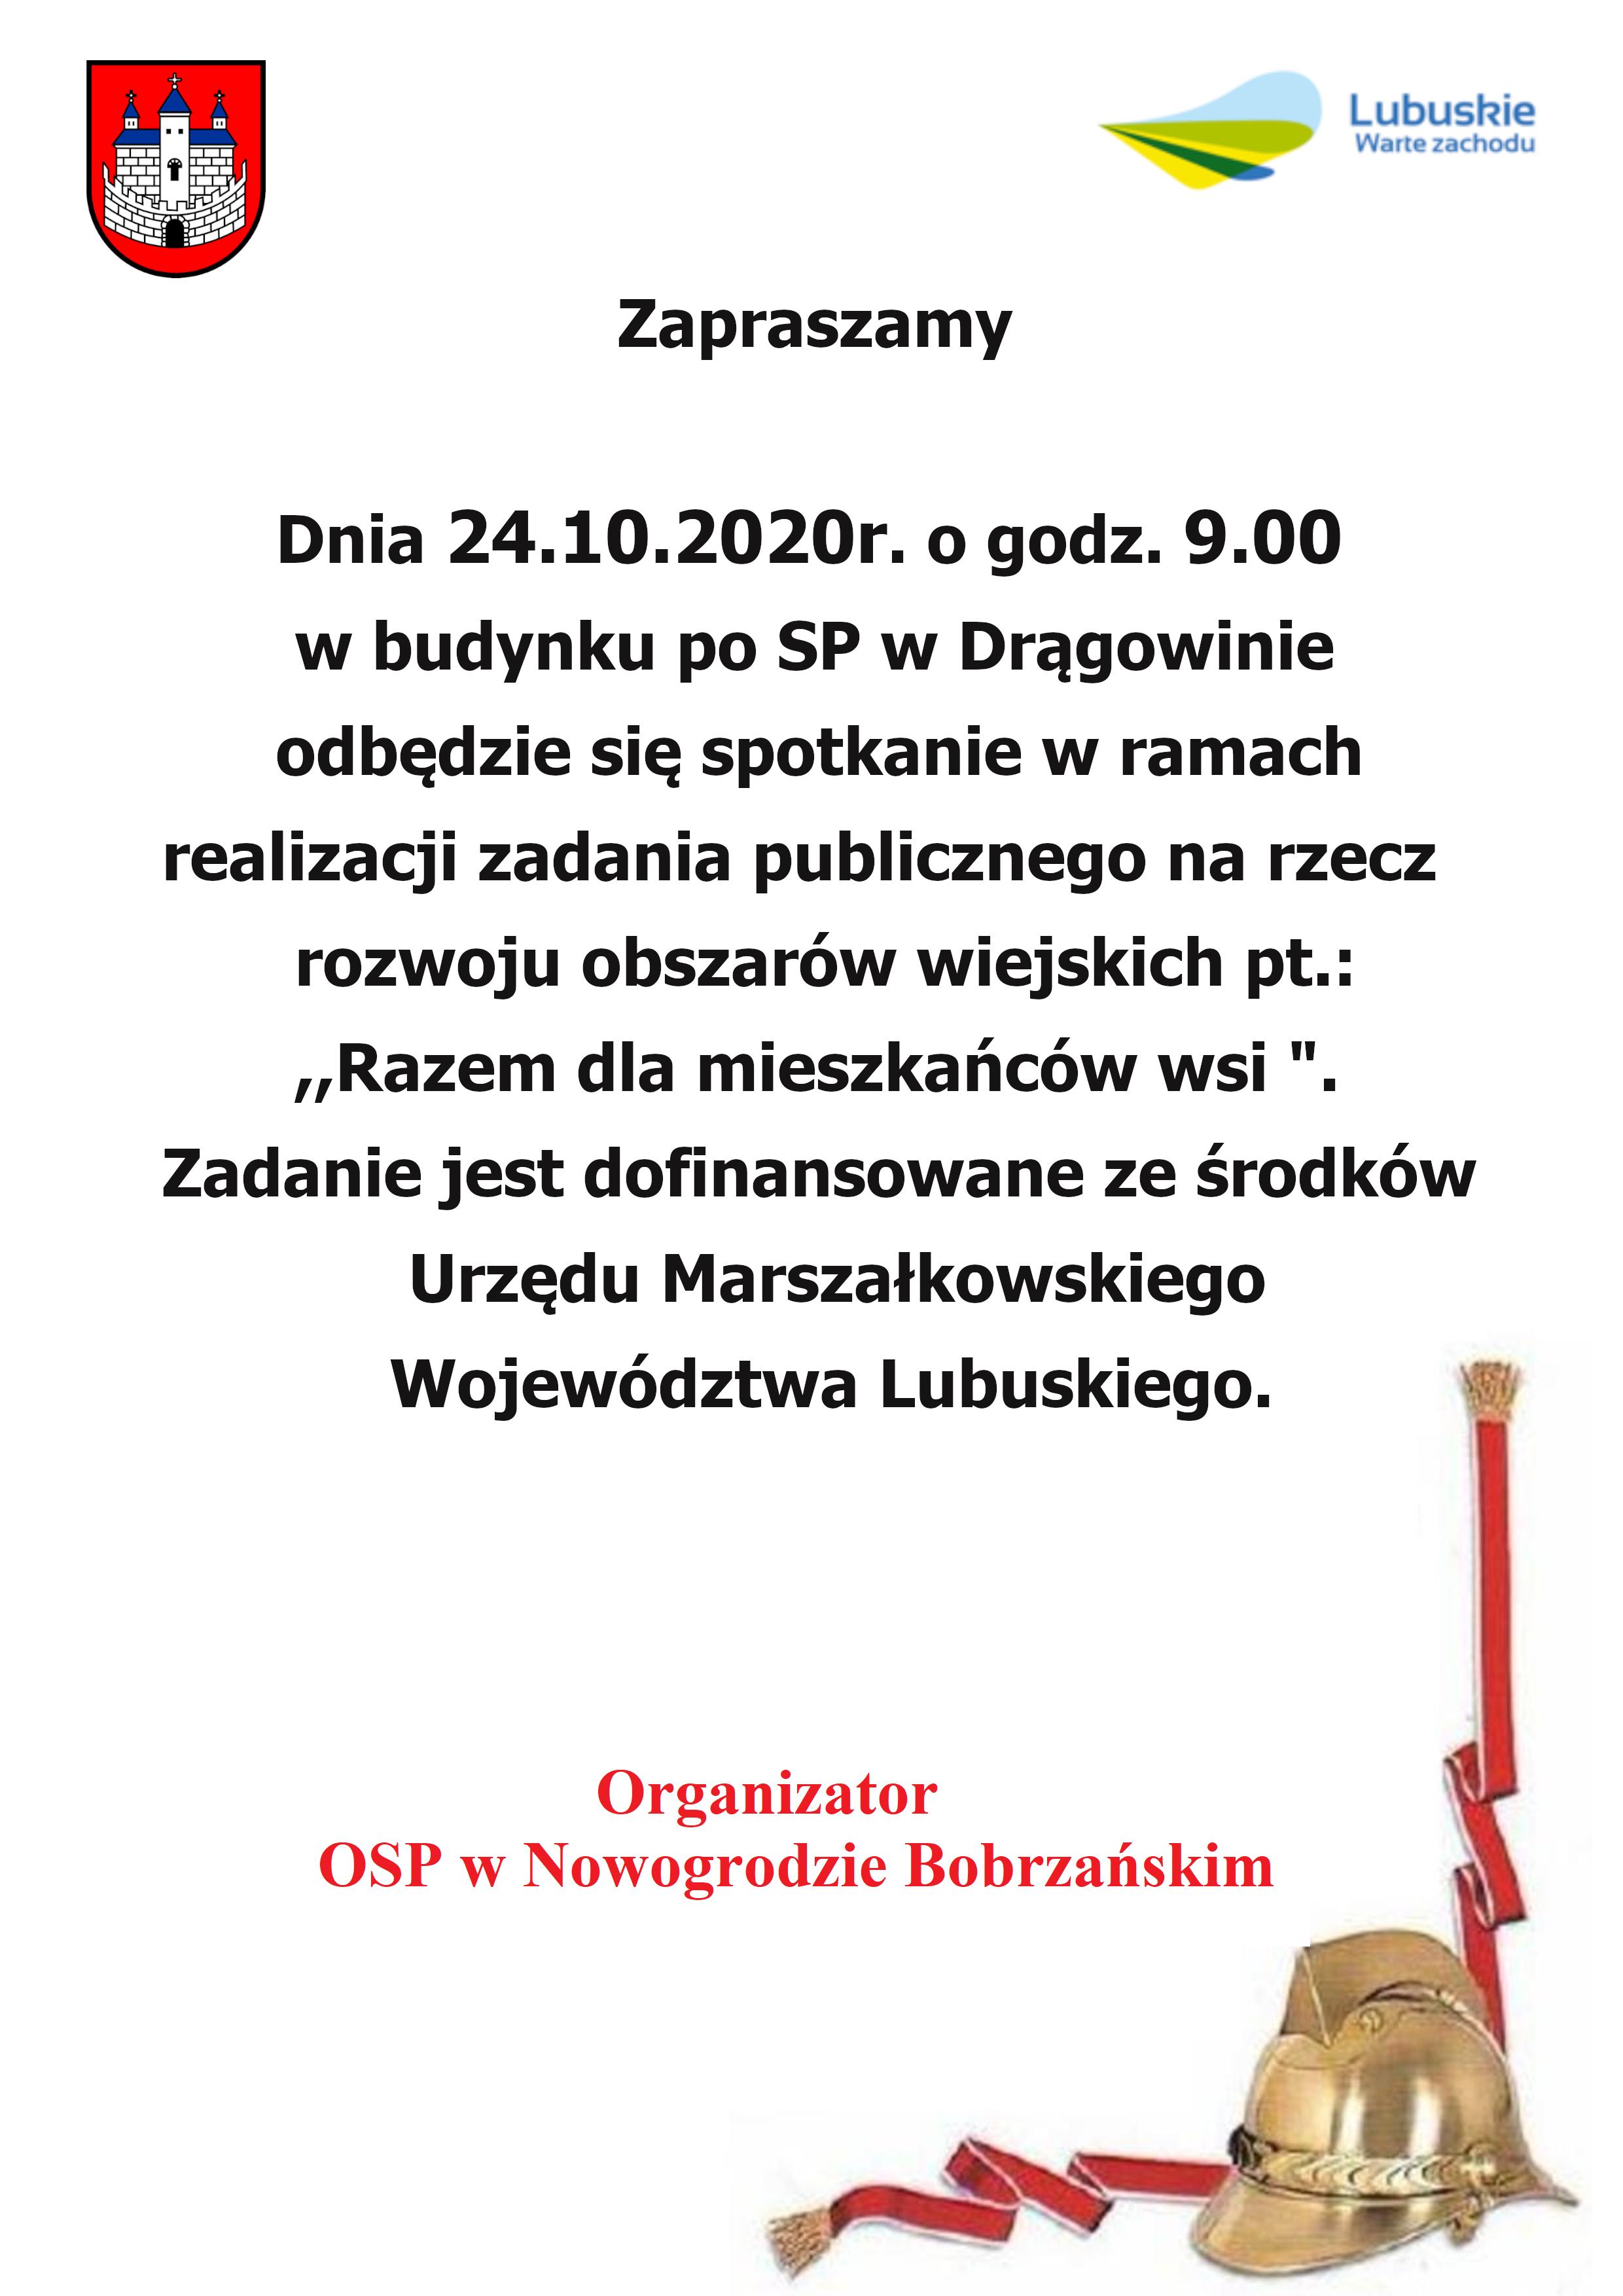 Razem dla mieszkańców wsi. @ Budynek po SP Drągowina